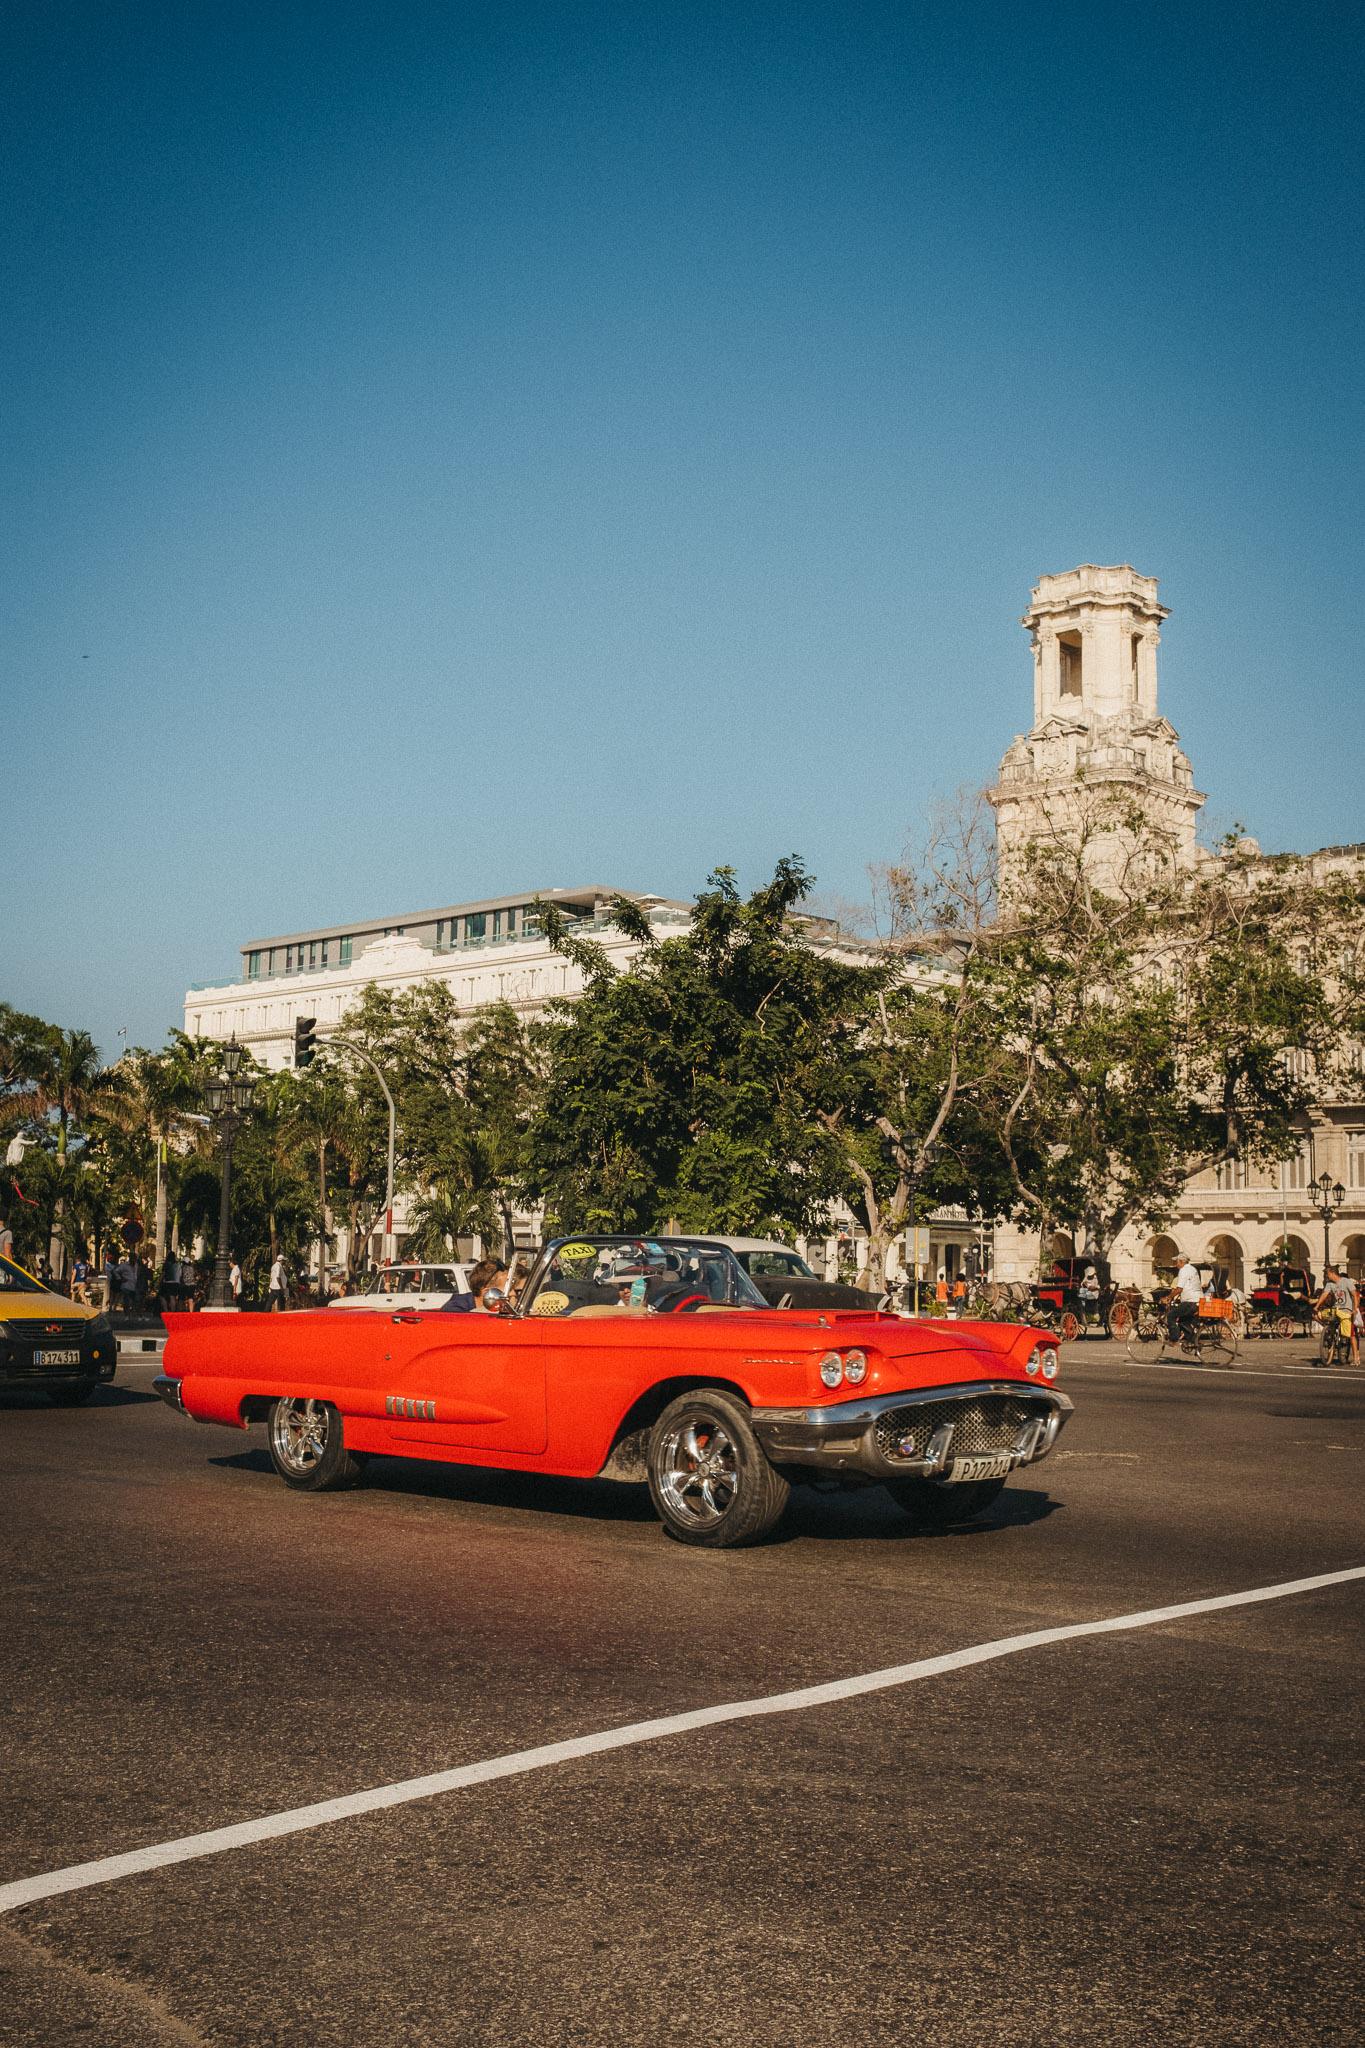 Cuba-2017-12-Havana-1064.jpg